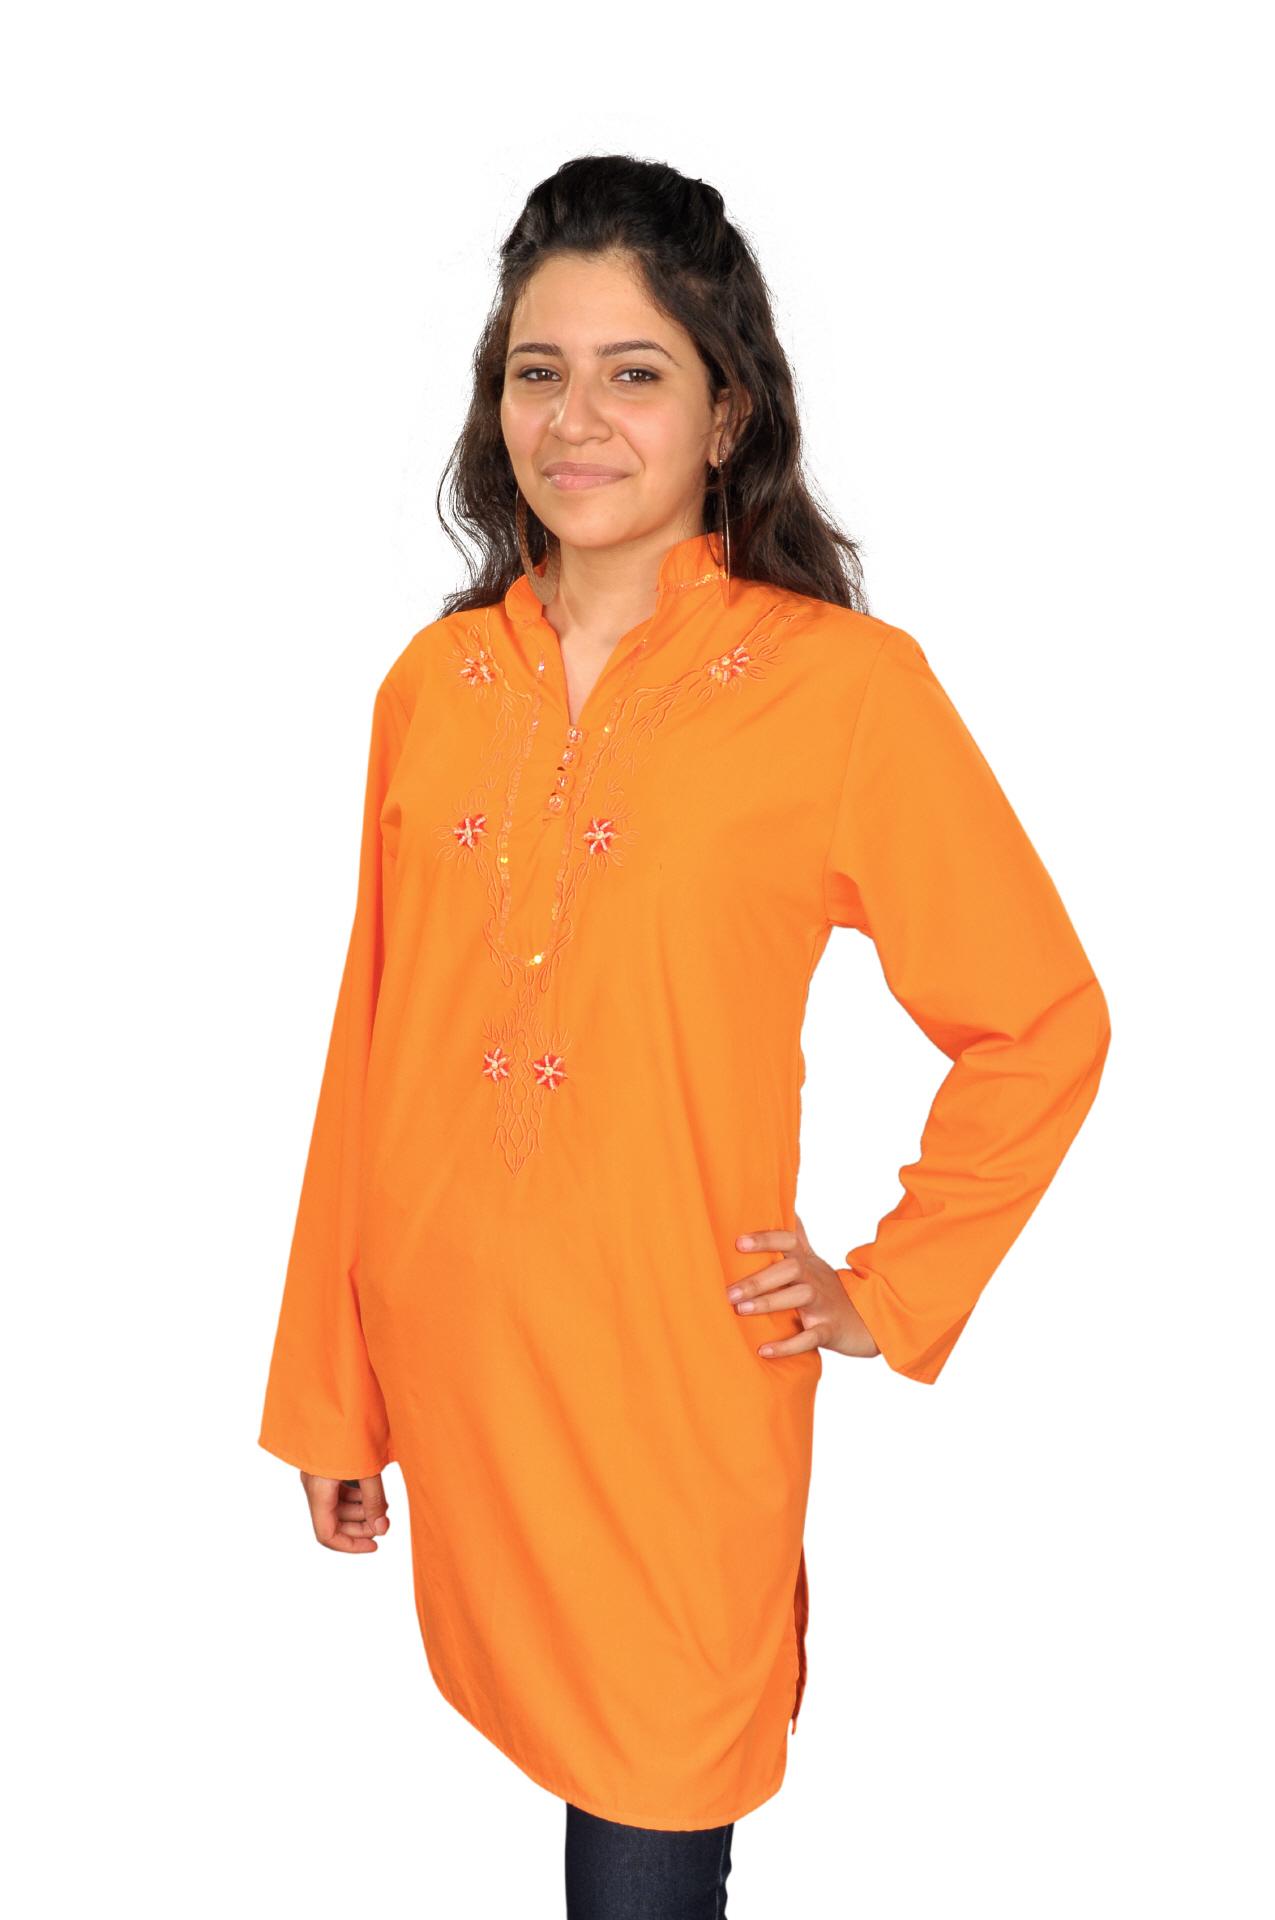 Damen Tunika in orange - Tuniken günstig kaufen